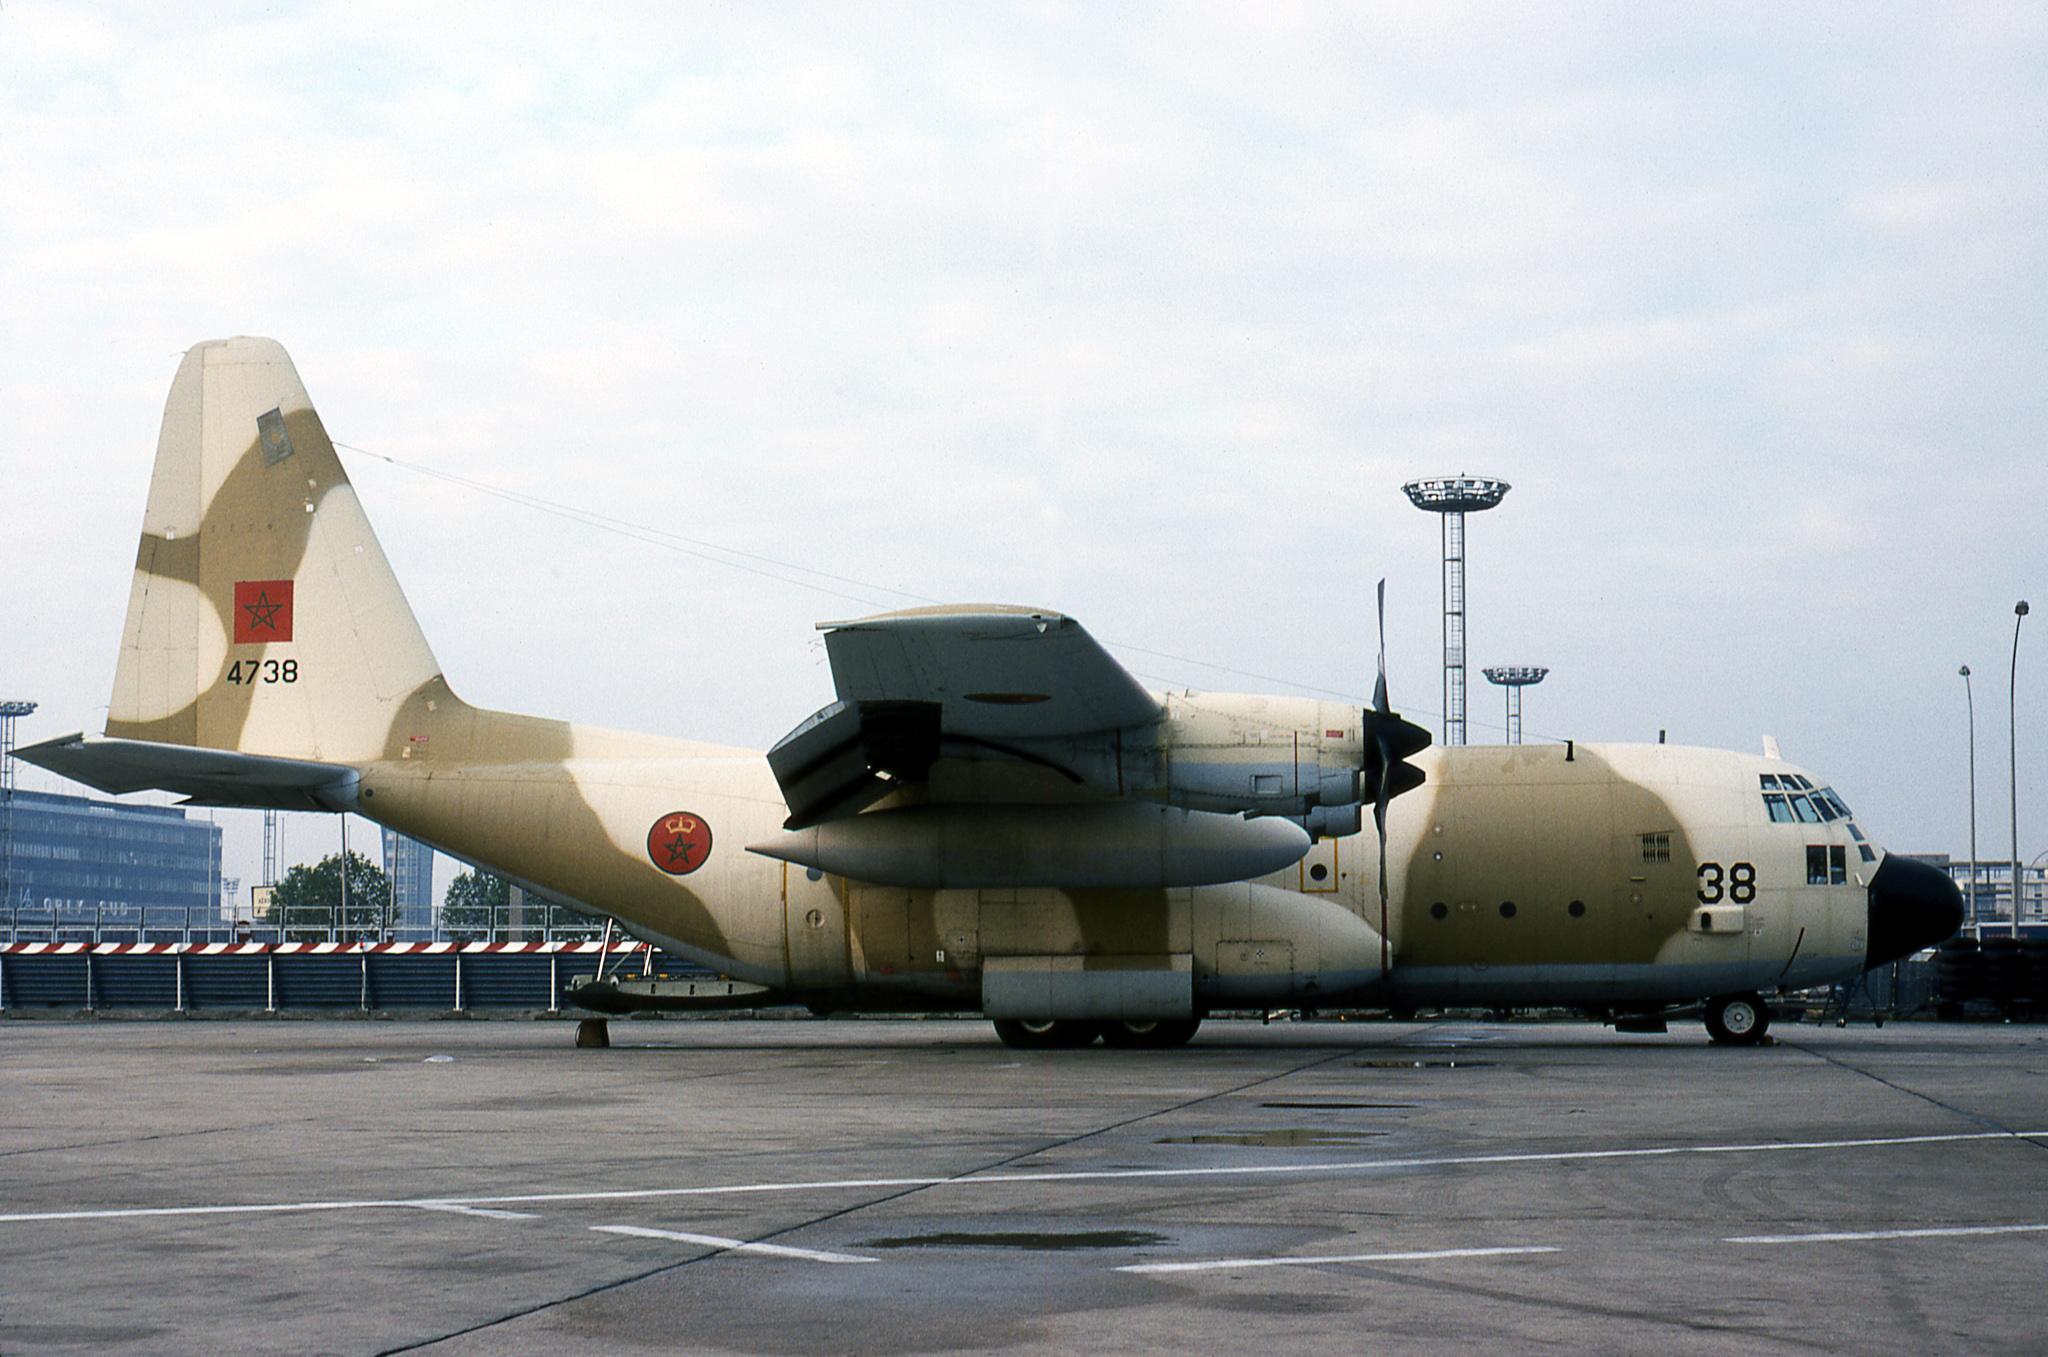 FRA: Photos d'avions de transport - Page 38 48463315091_94a075fb57_o